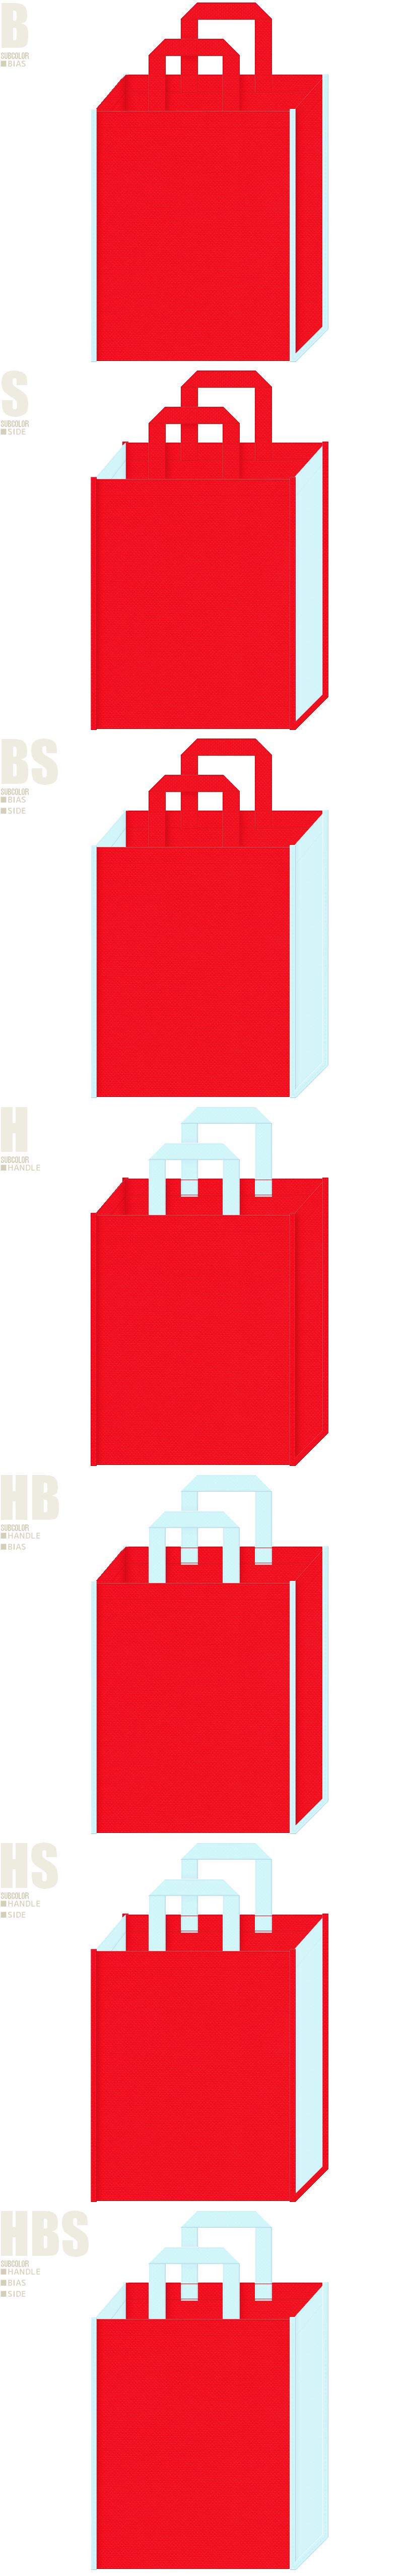 不織布バッグのデザイン:赤色と水色の配色7パターン